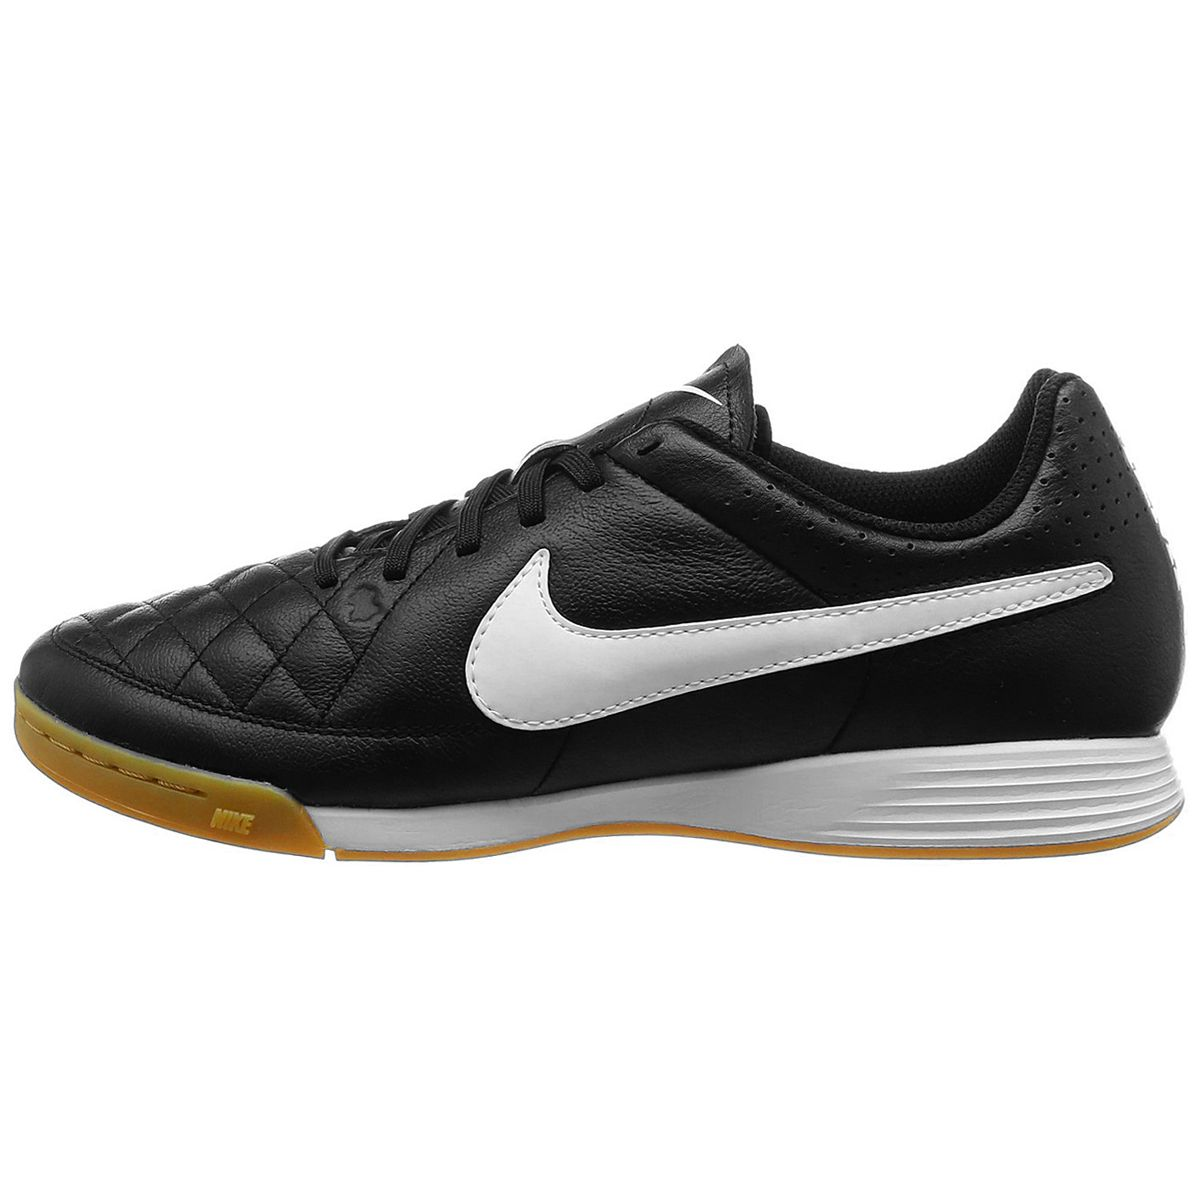 فروش                     کفش فوتسال مردانه نایکی مدل تمپو جنیو کد 631283.010